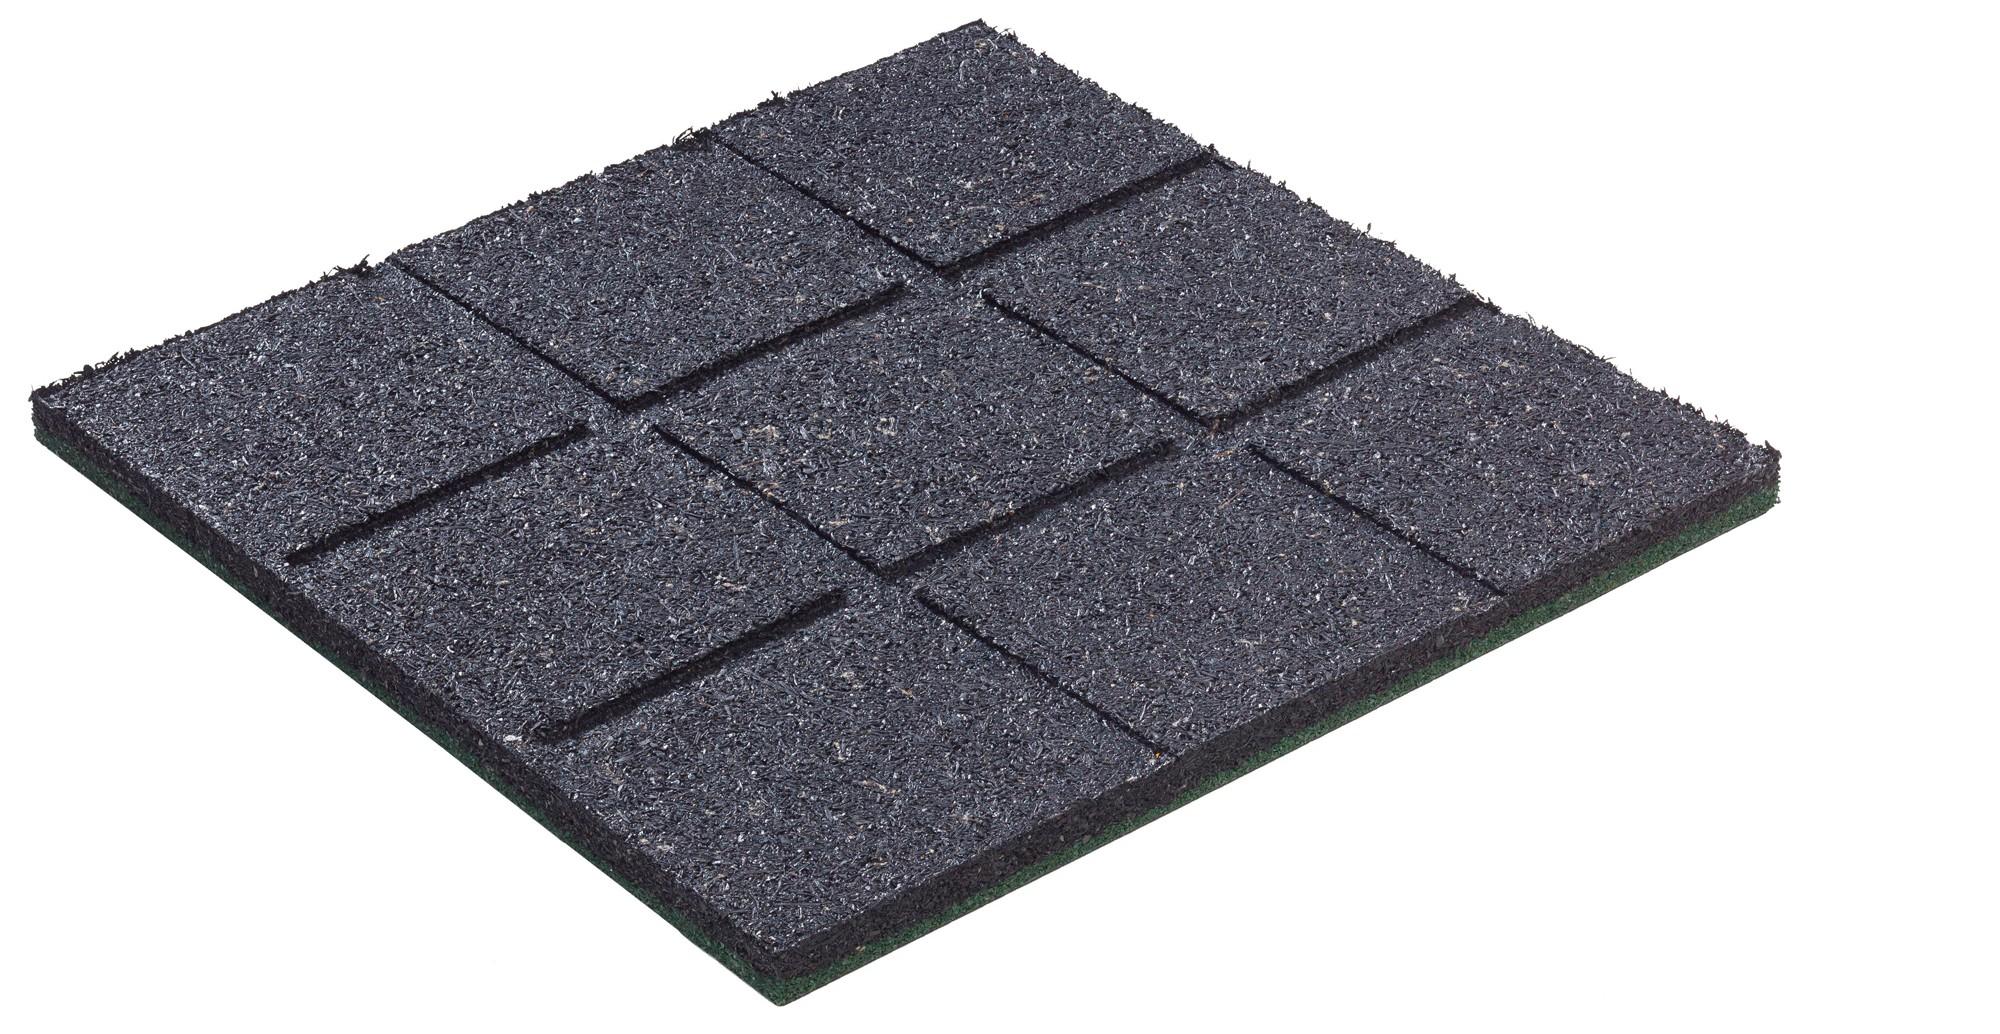 Fallschutzplatte / Gummimatte hicar grün 500x500x25mm Bild 2